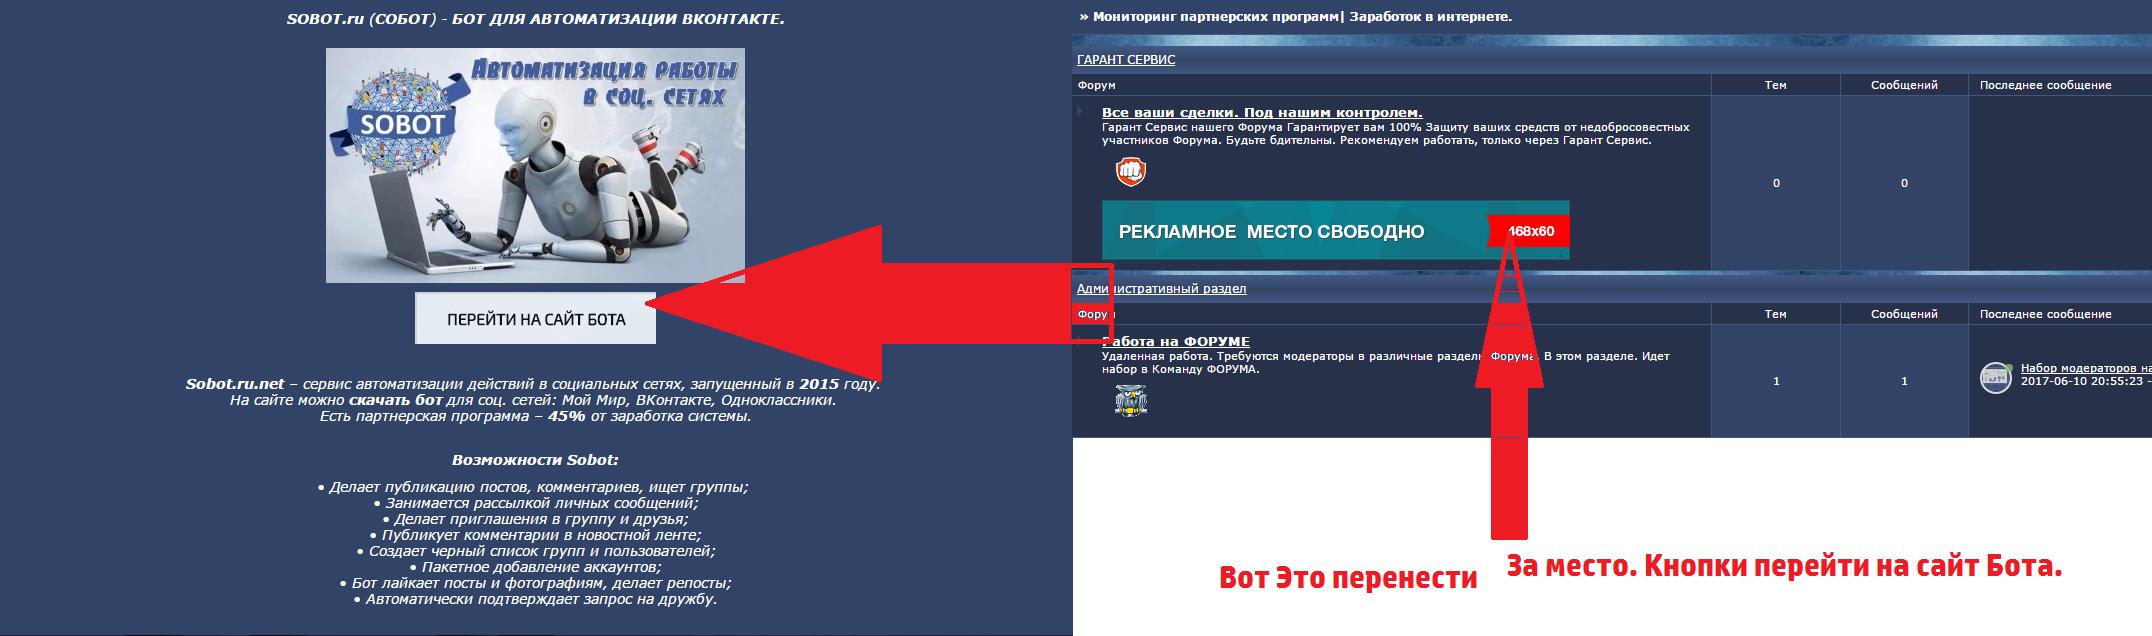 http://s5.uploads.ru/mA7w8.png